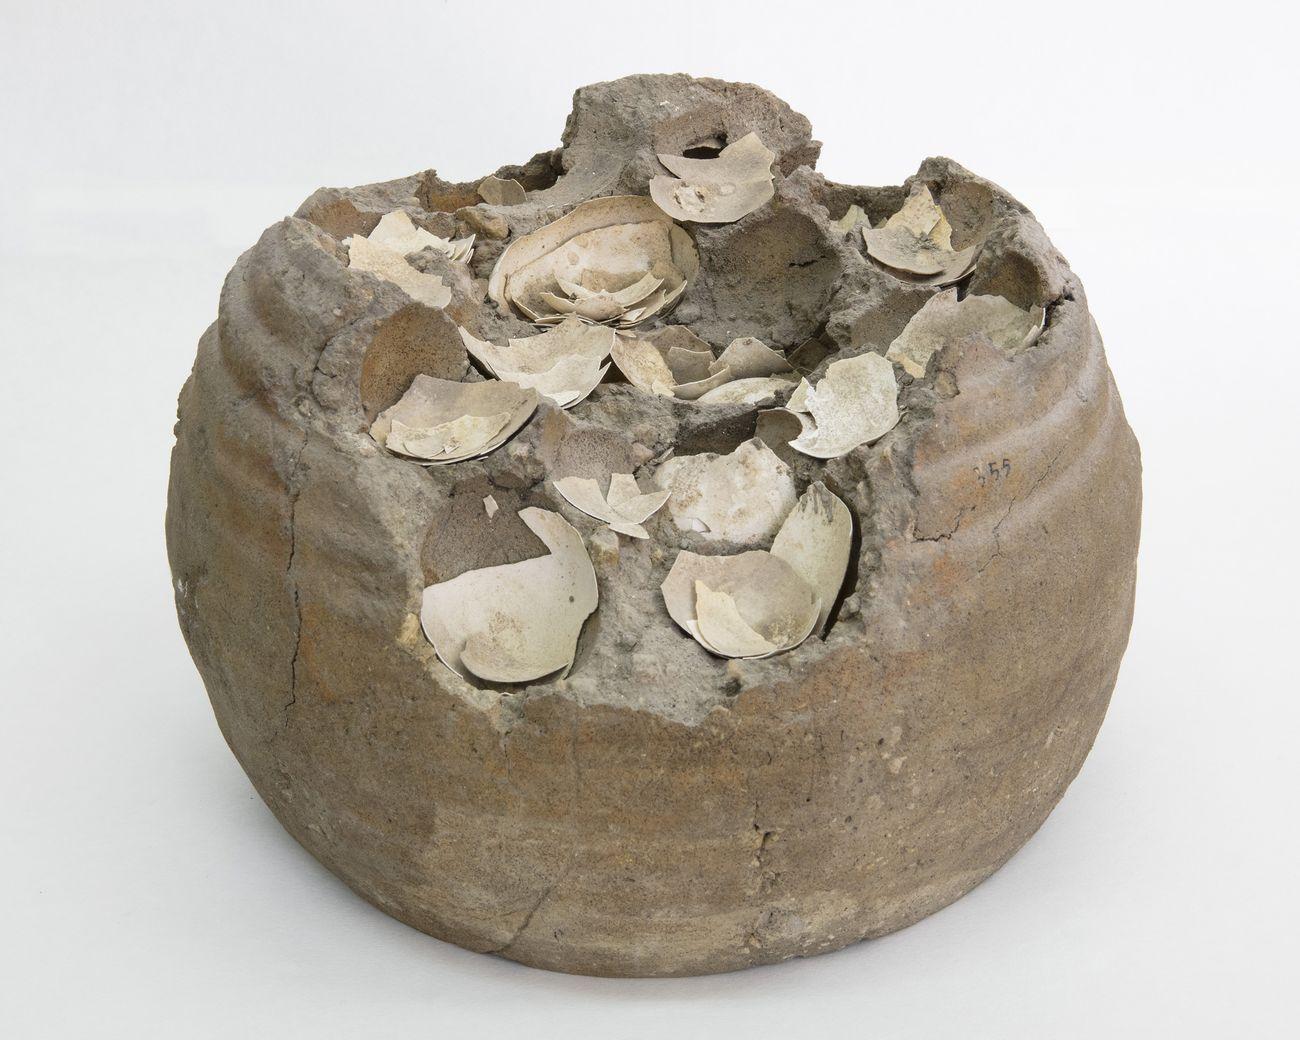 Contenitore con uova conservate nell'argilla, I secolo d.C. Pompei, Casa di Giulio Polibio (IX 13,1 3). Parco Archeologico di Pompei. Photo © Amedeo Benestante